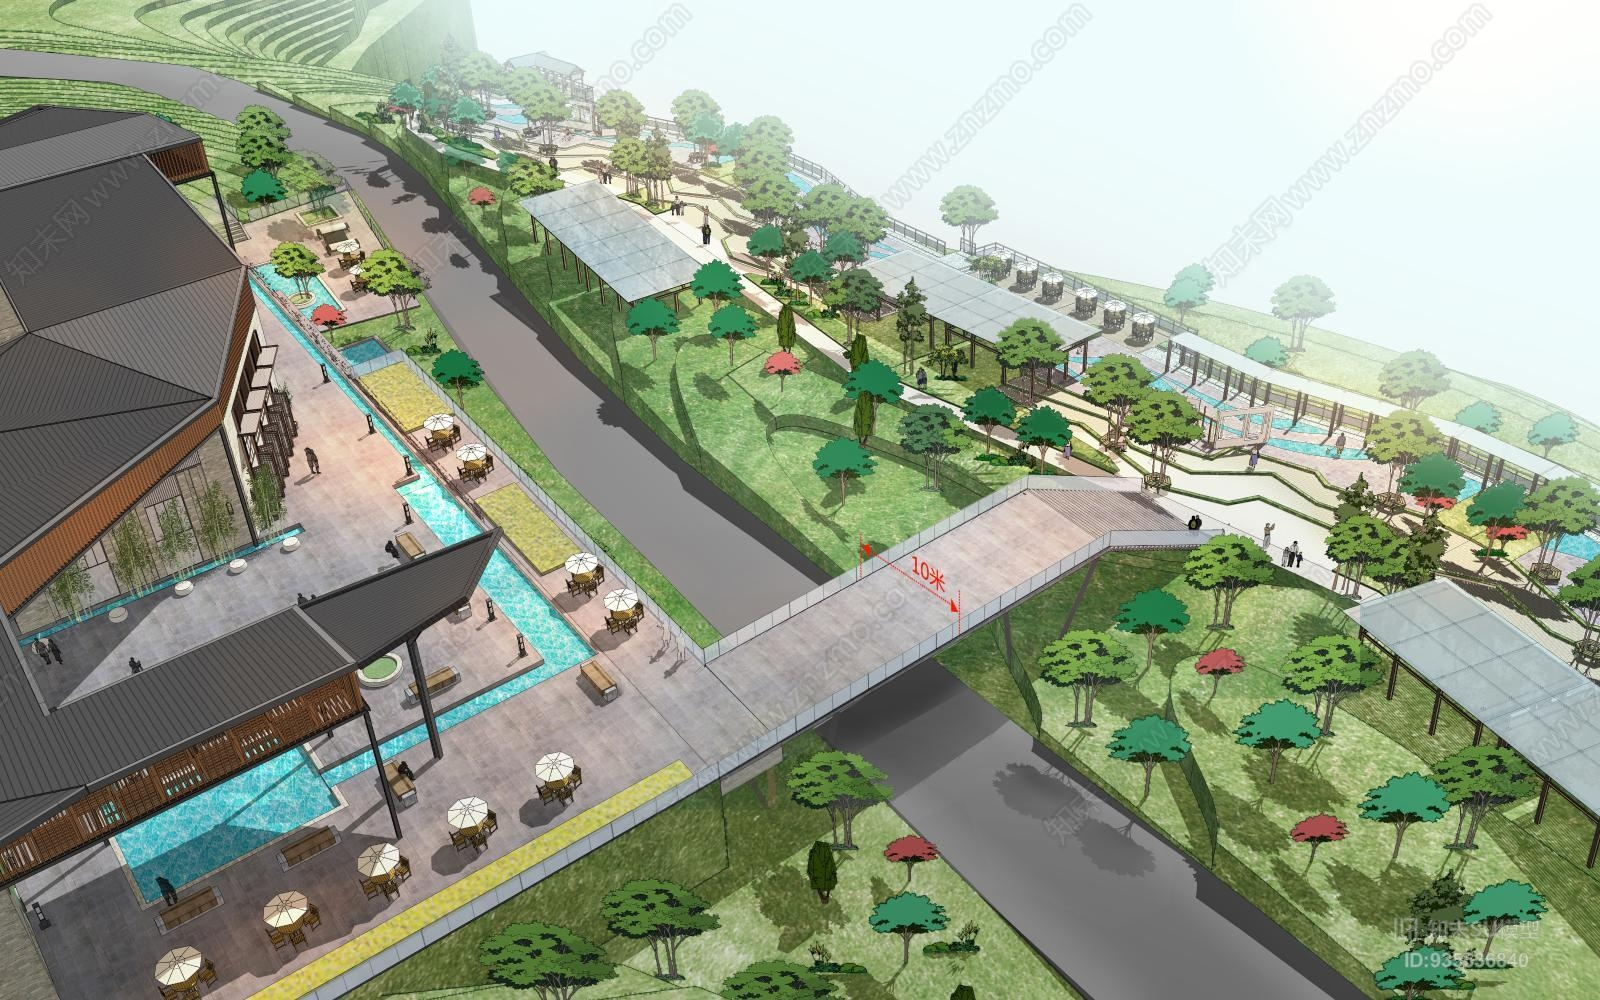 酒店景观建筑方案